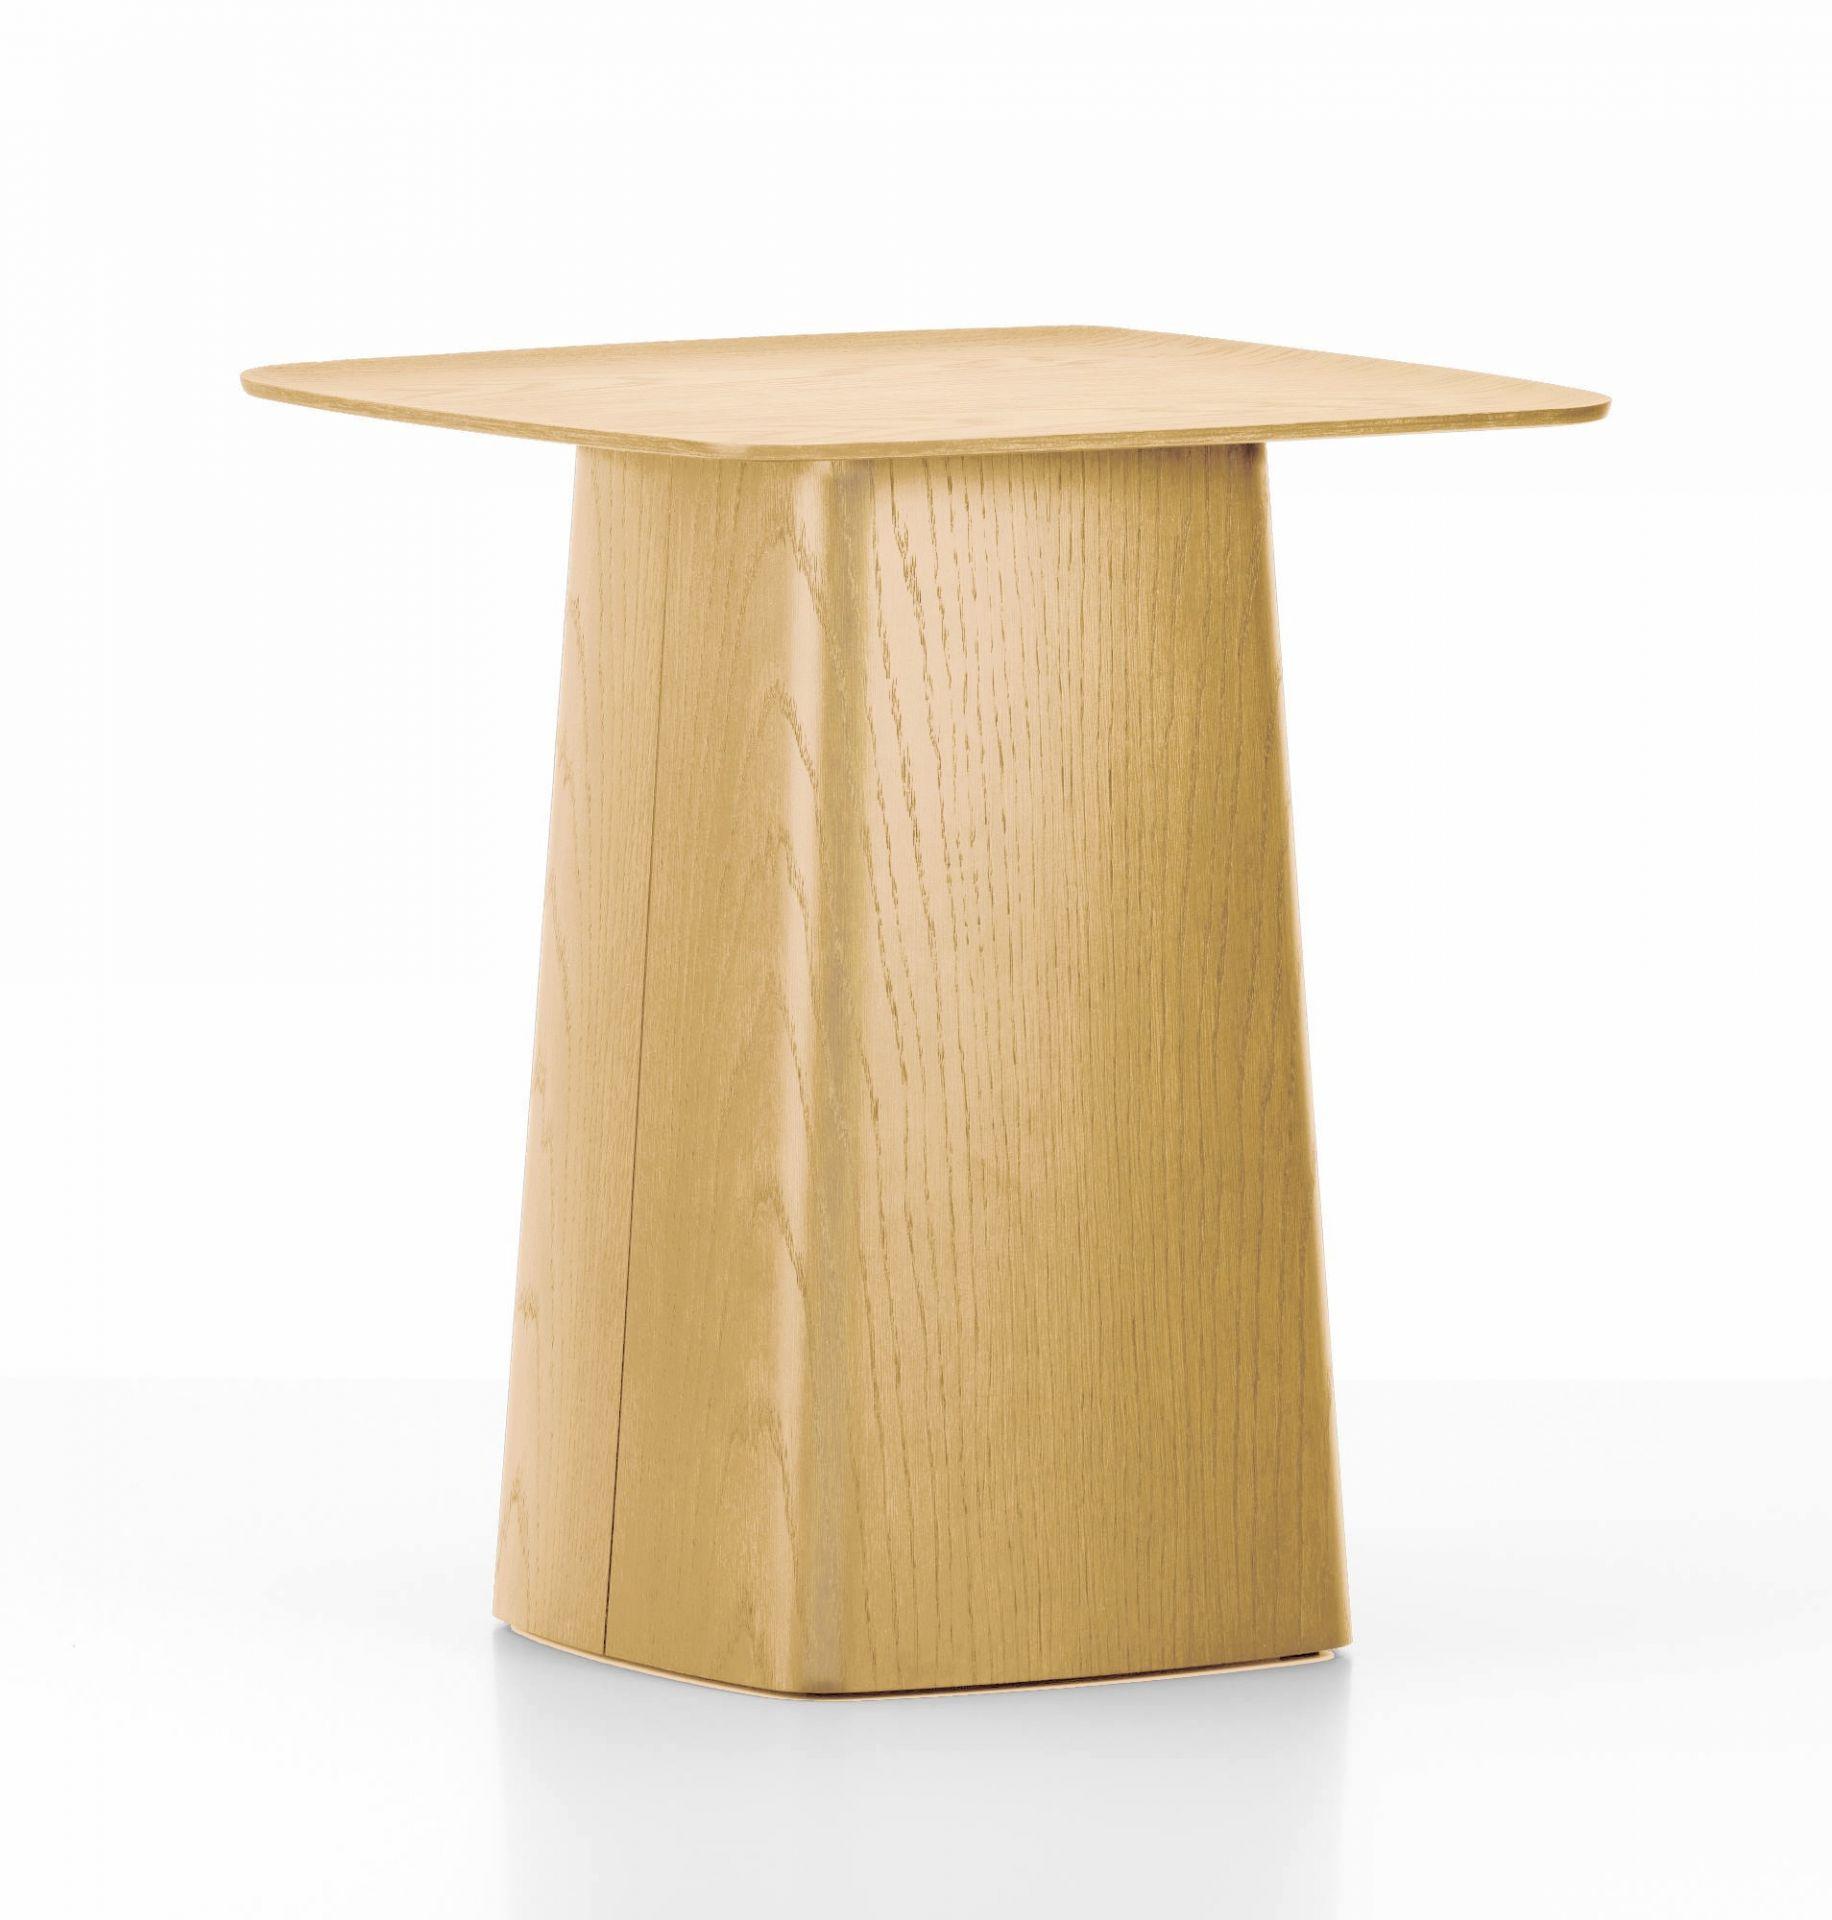 Wooden Side Table Beistelltisch Eiche mittel Vitra-Eiche dunkel